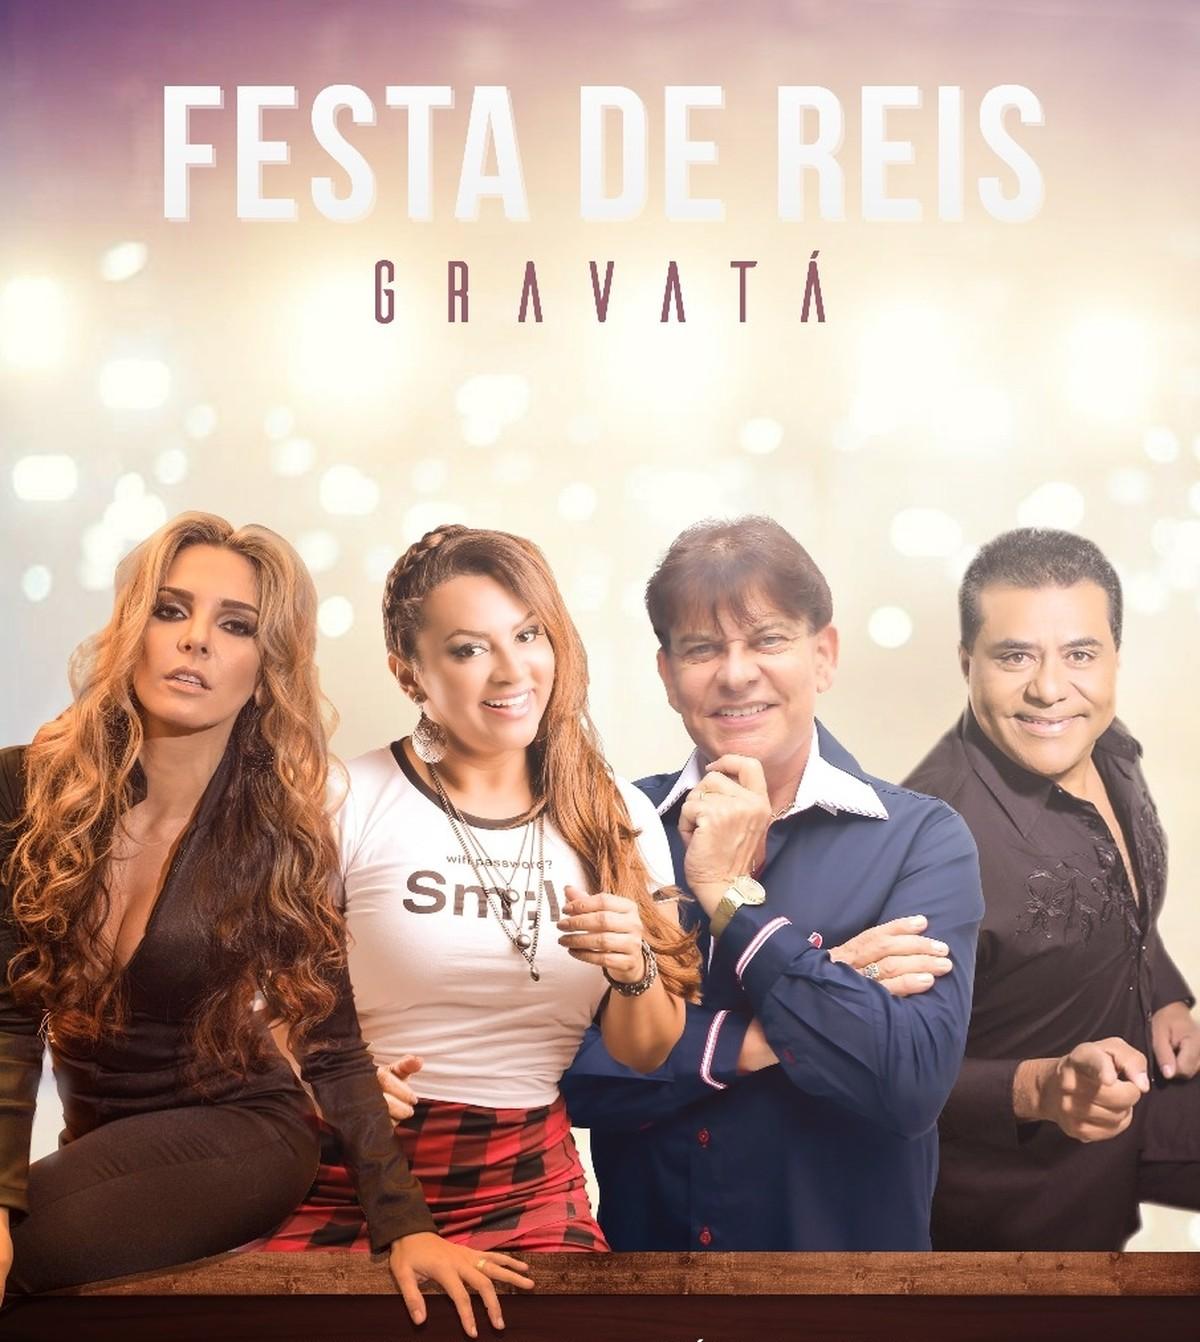 Márcia Fellipe e Adilson Ramos são umas das atrações da festa de Reis de Gravatá